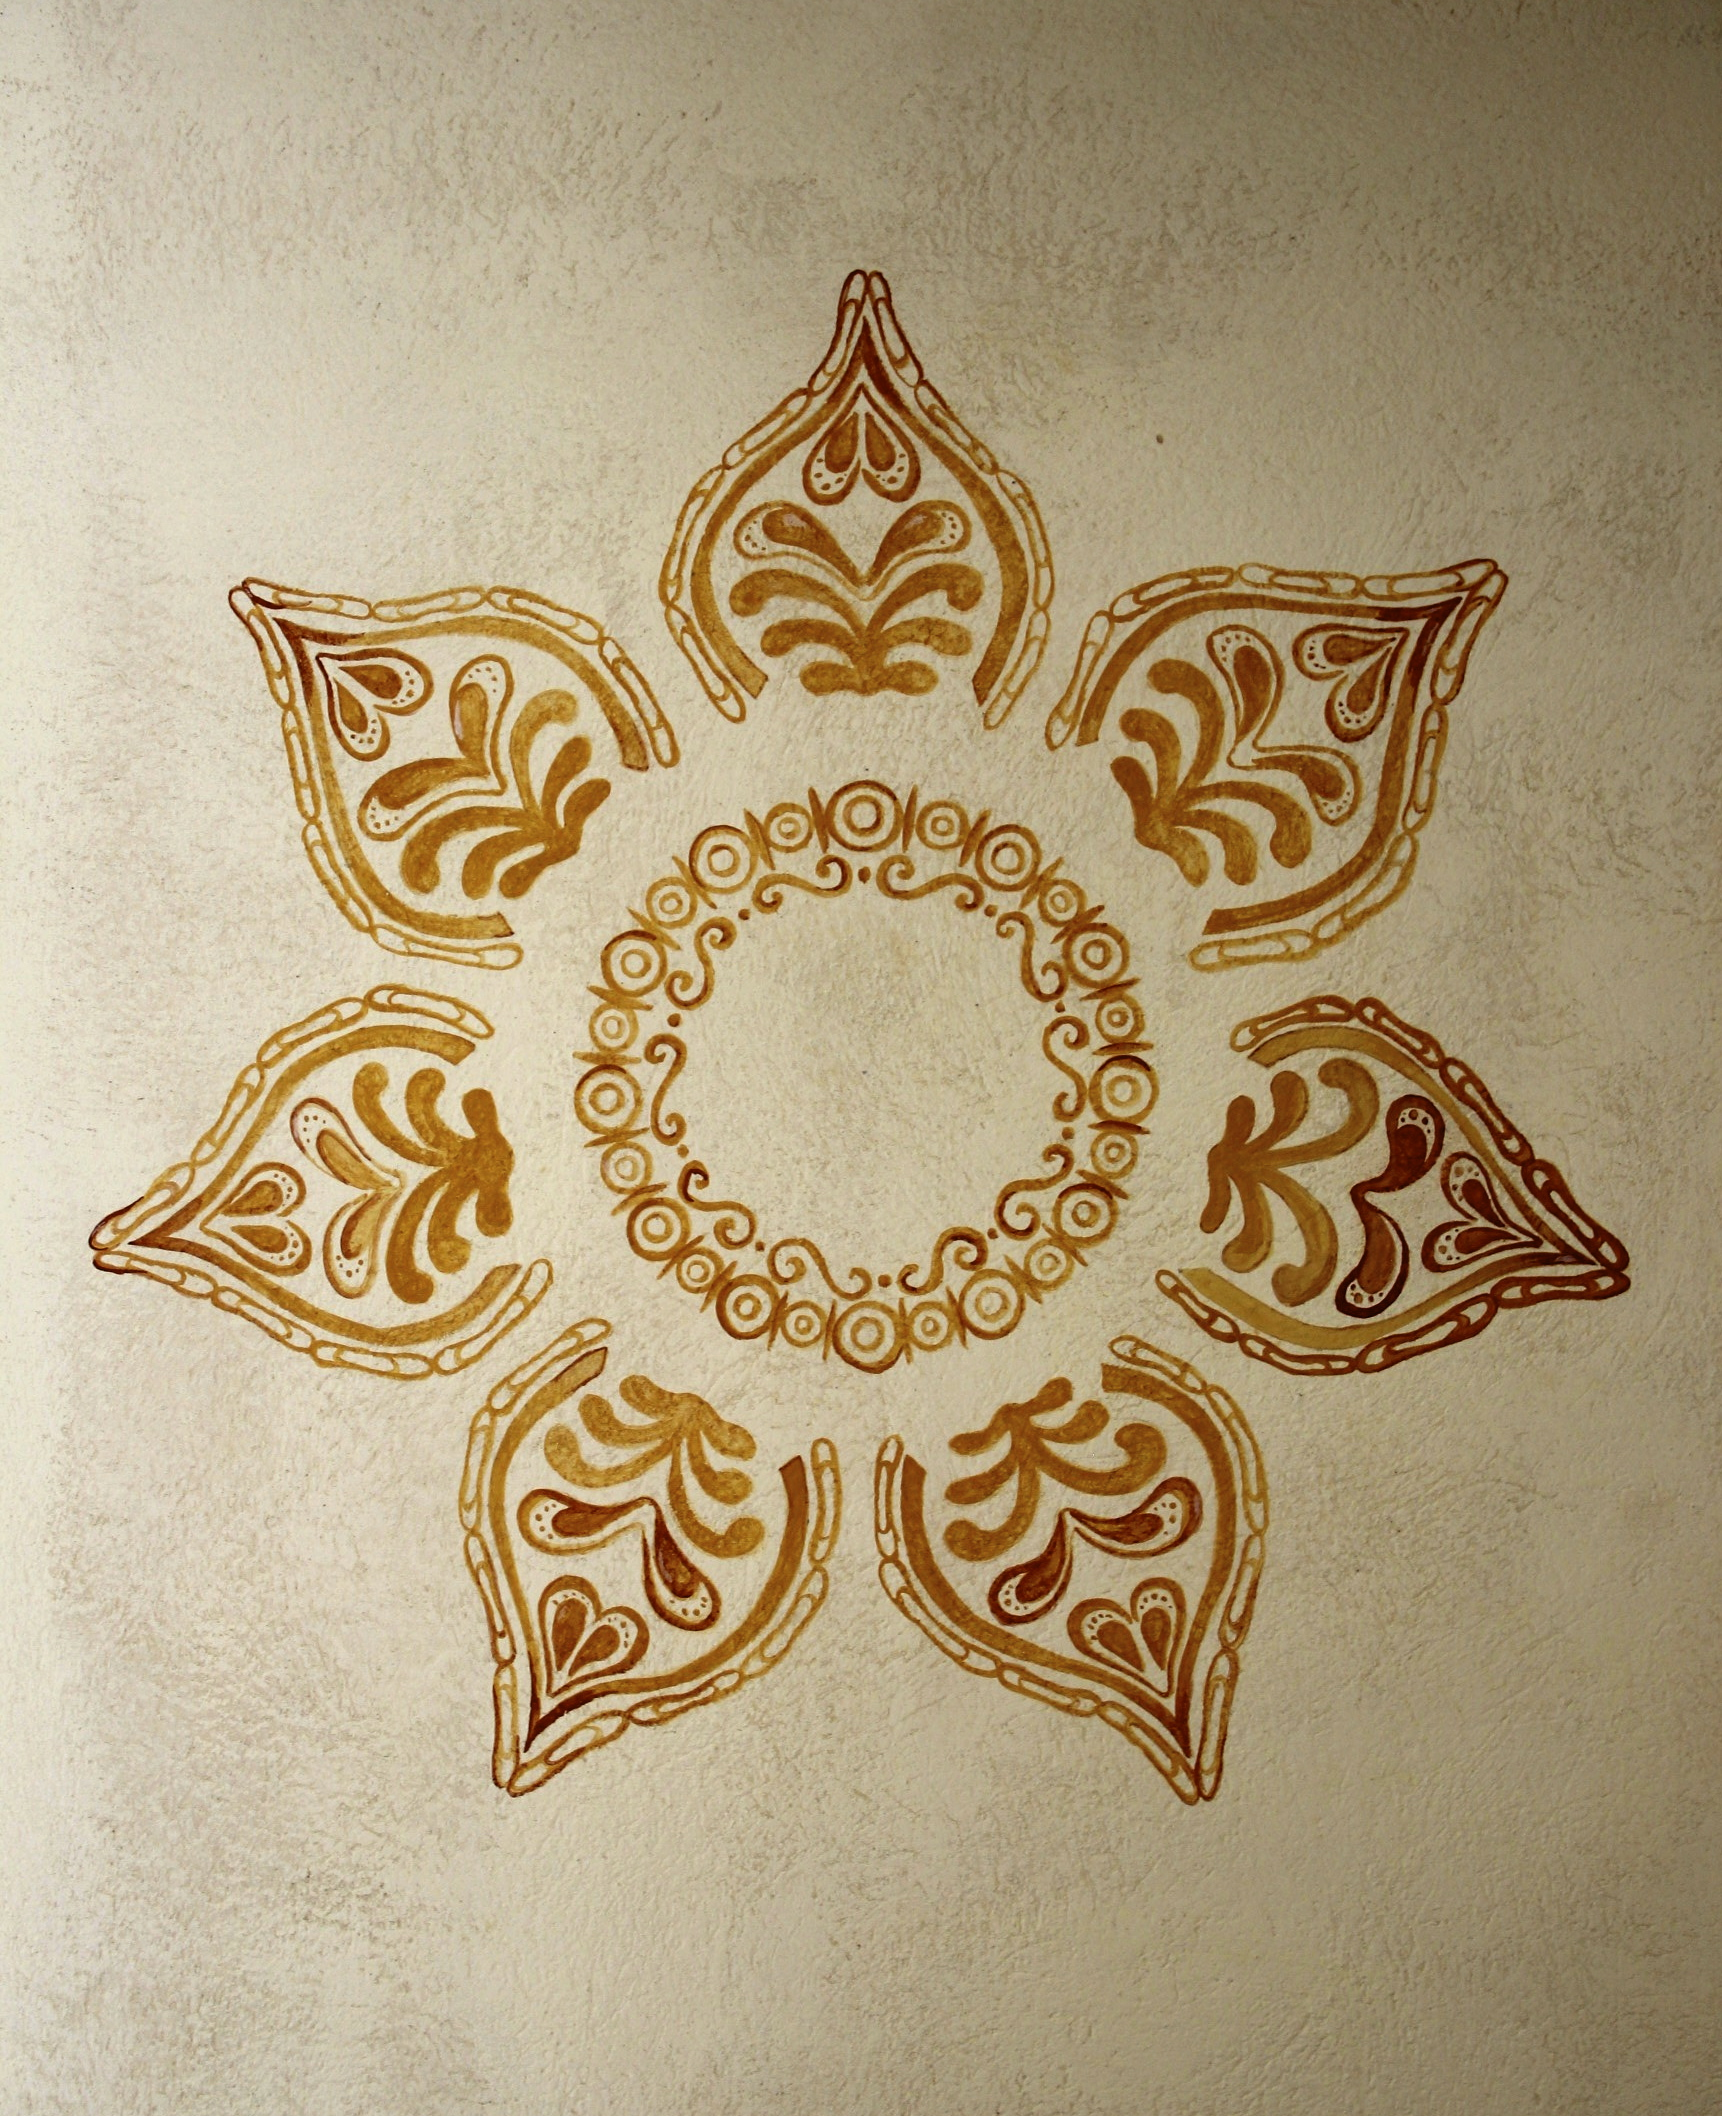 Mandala auf Lehm